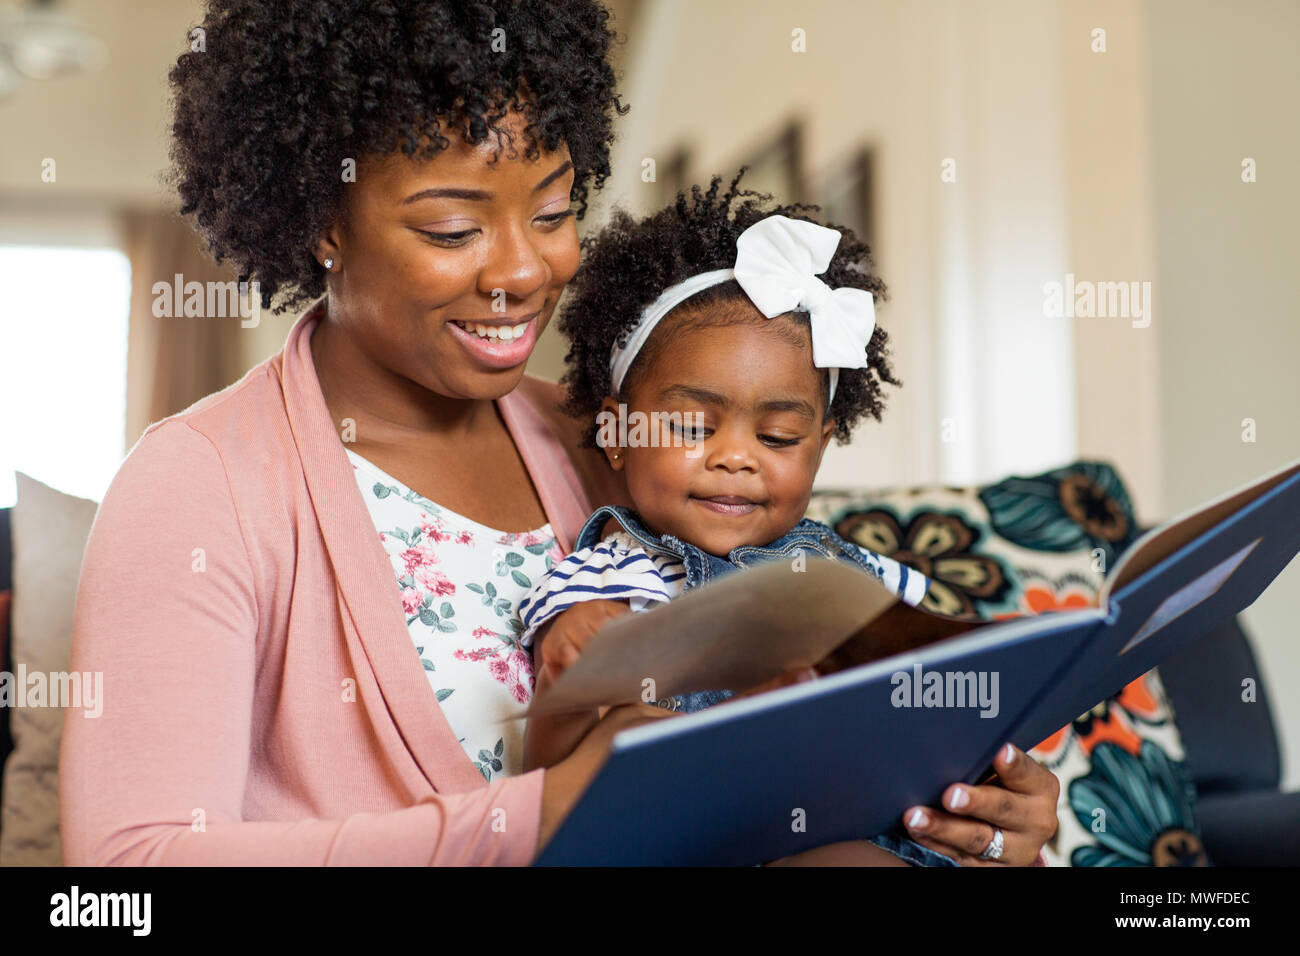 Mutter ein Buch zu lesen, um ihr kleines Mädchen. Stockbild